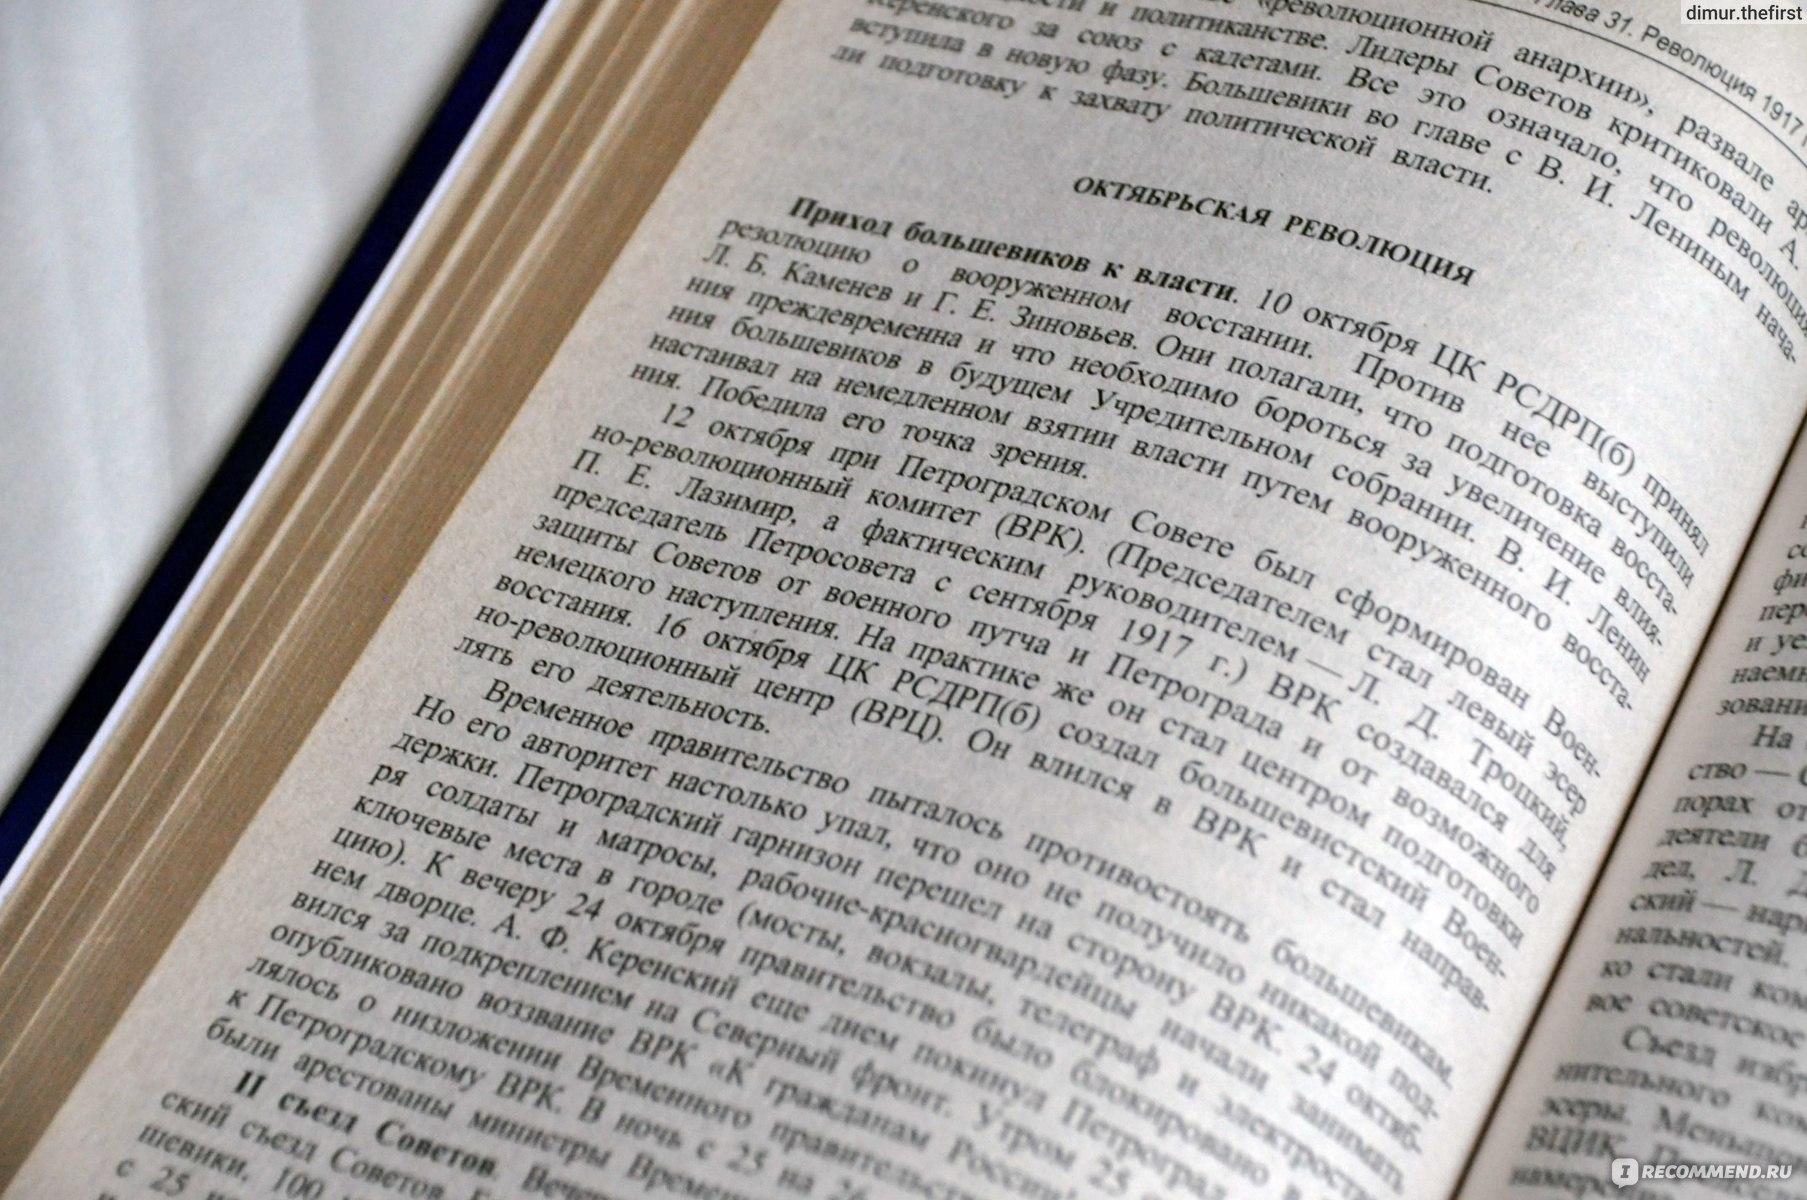 хрестоматия по истории россии орлов скачать бесплатно